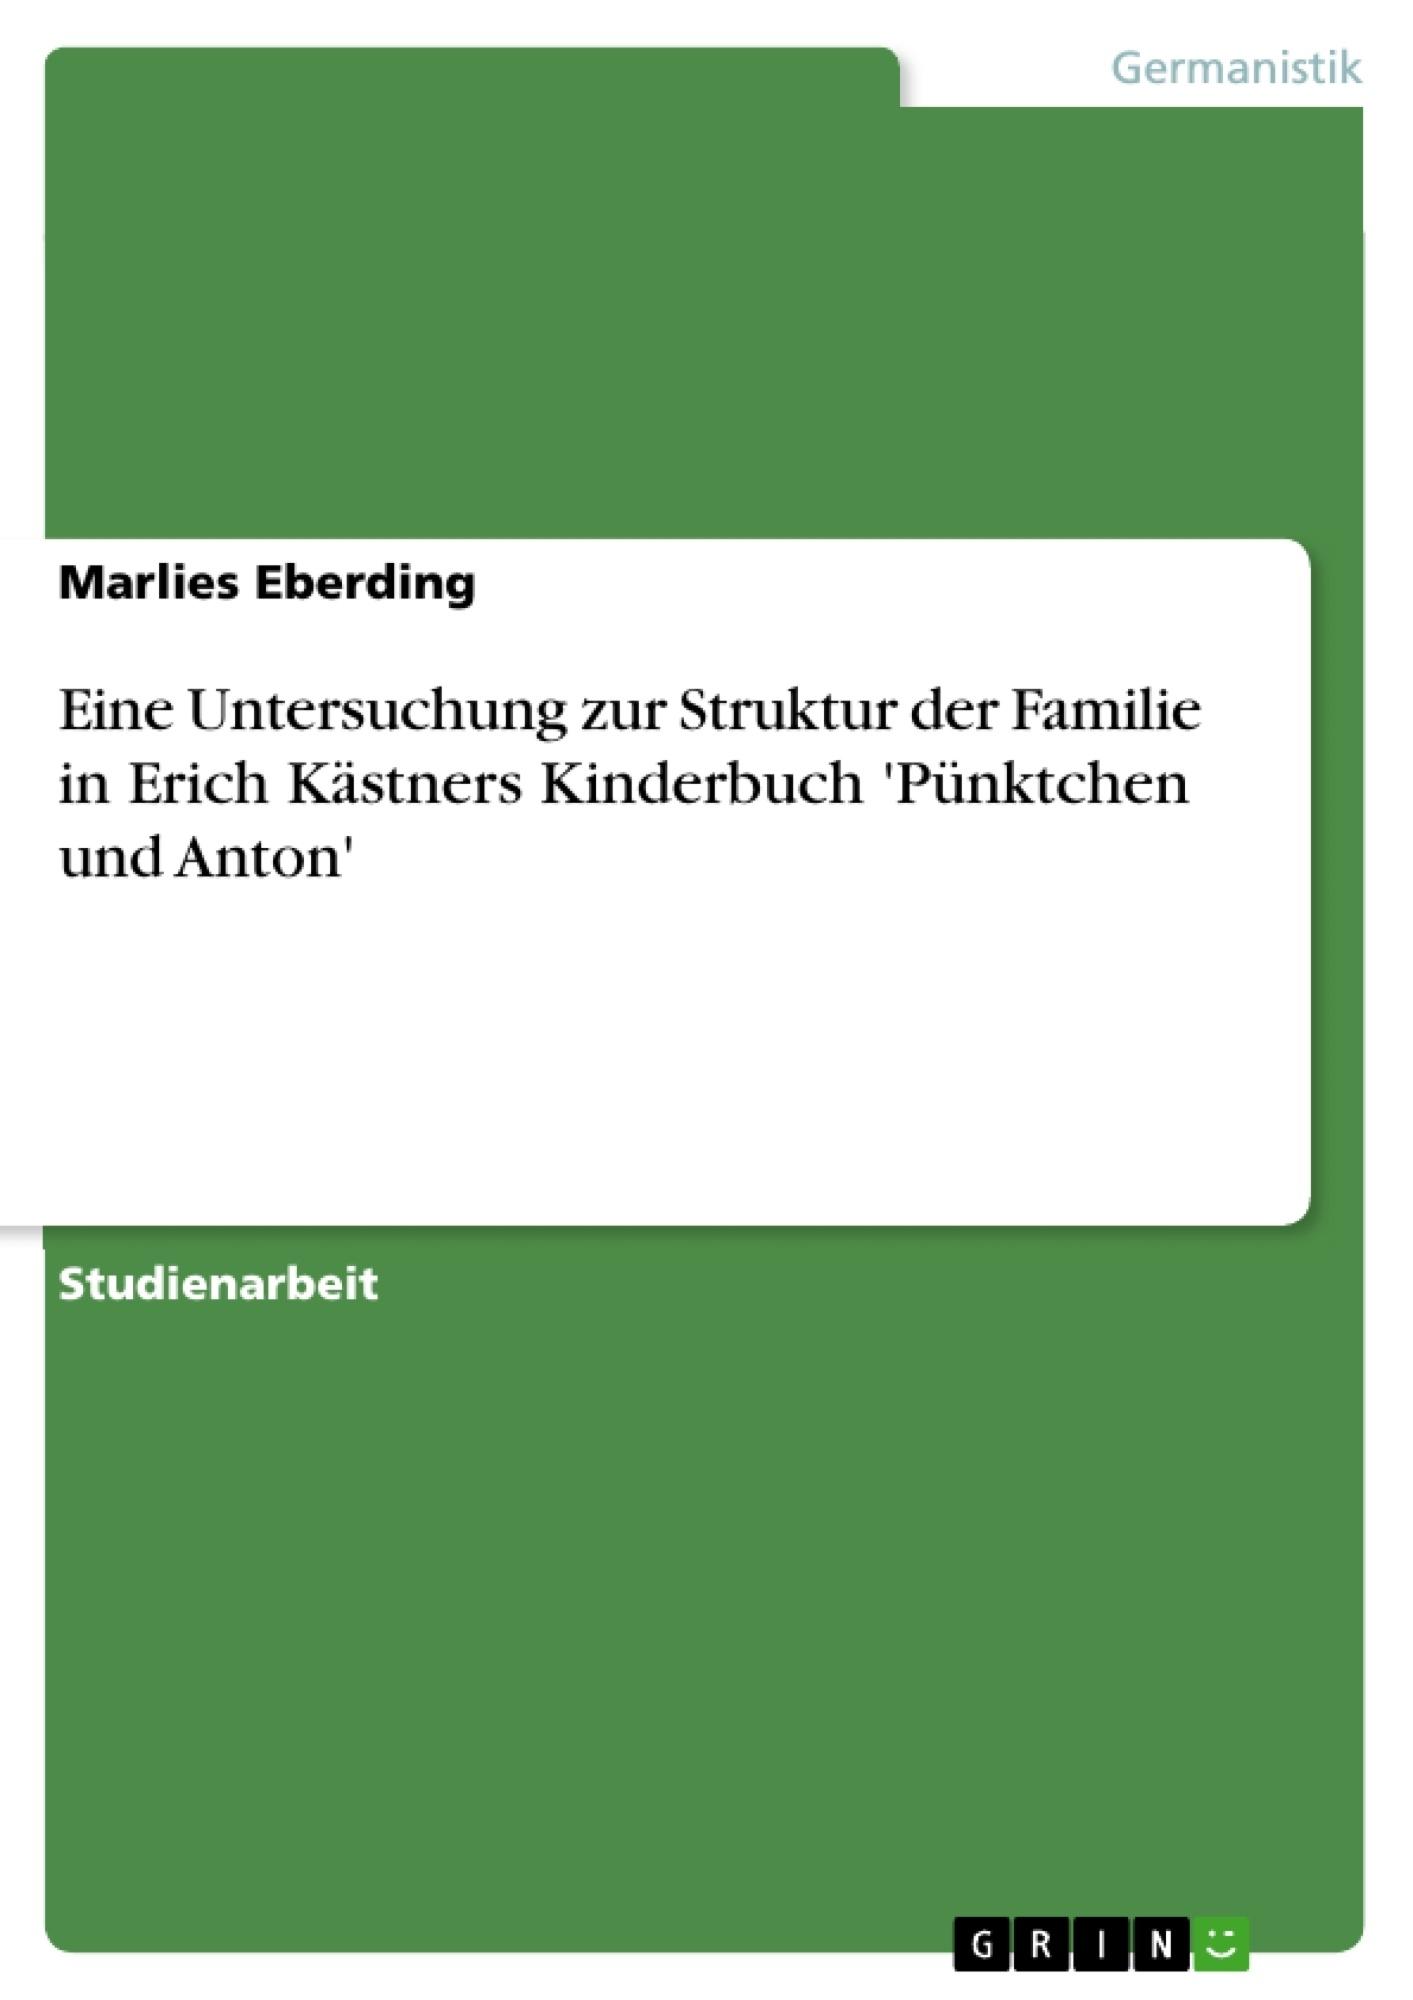 Titel: Eine Untersuchung zur Struktur der Familie in Erich Kästners Kinderbuch 'Pünktchen und Anton'